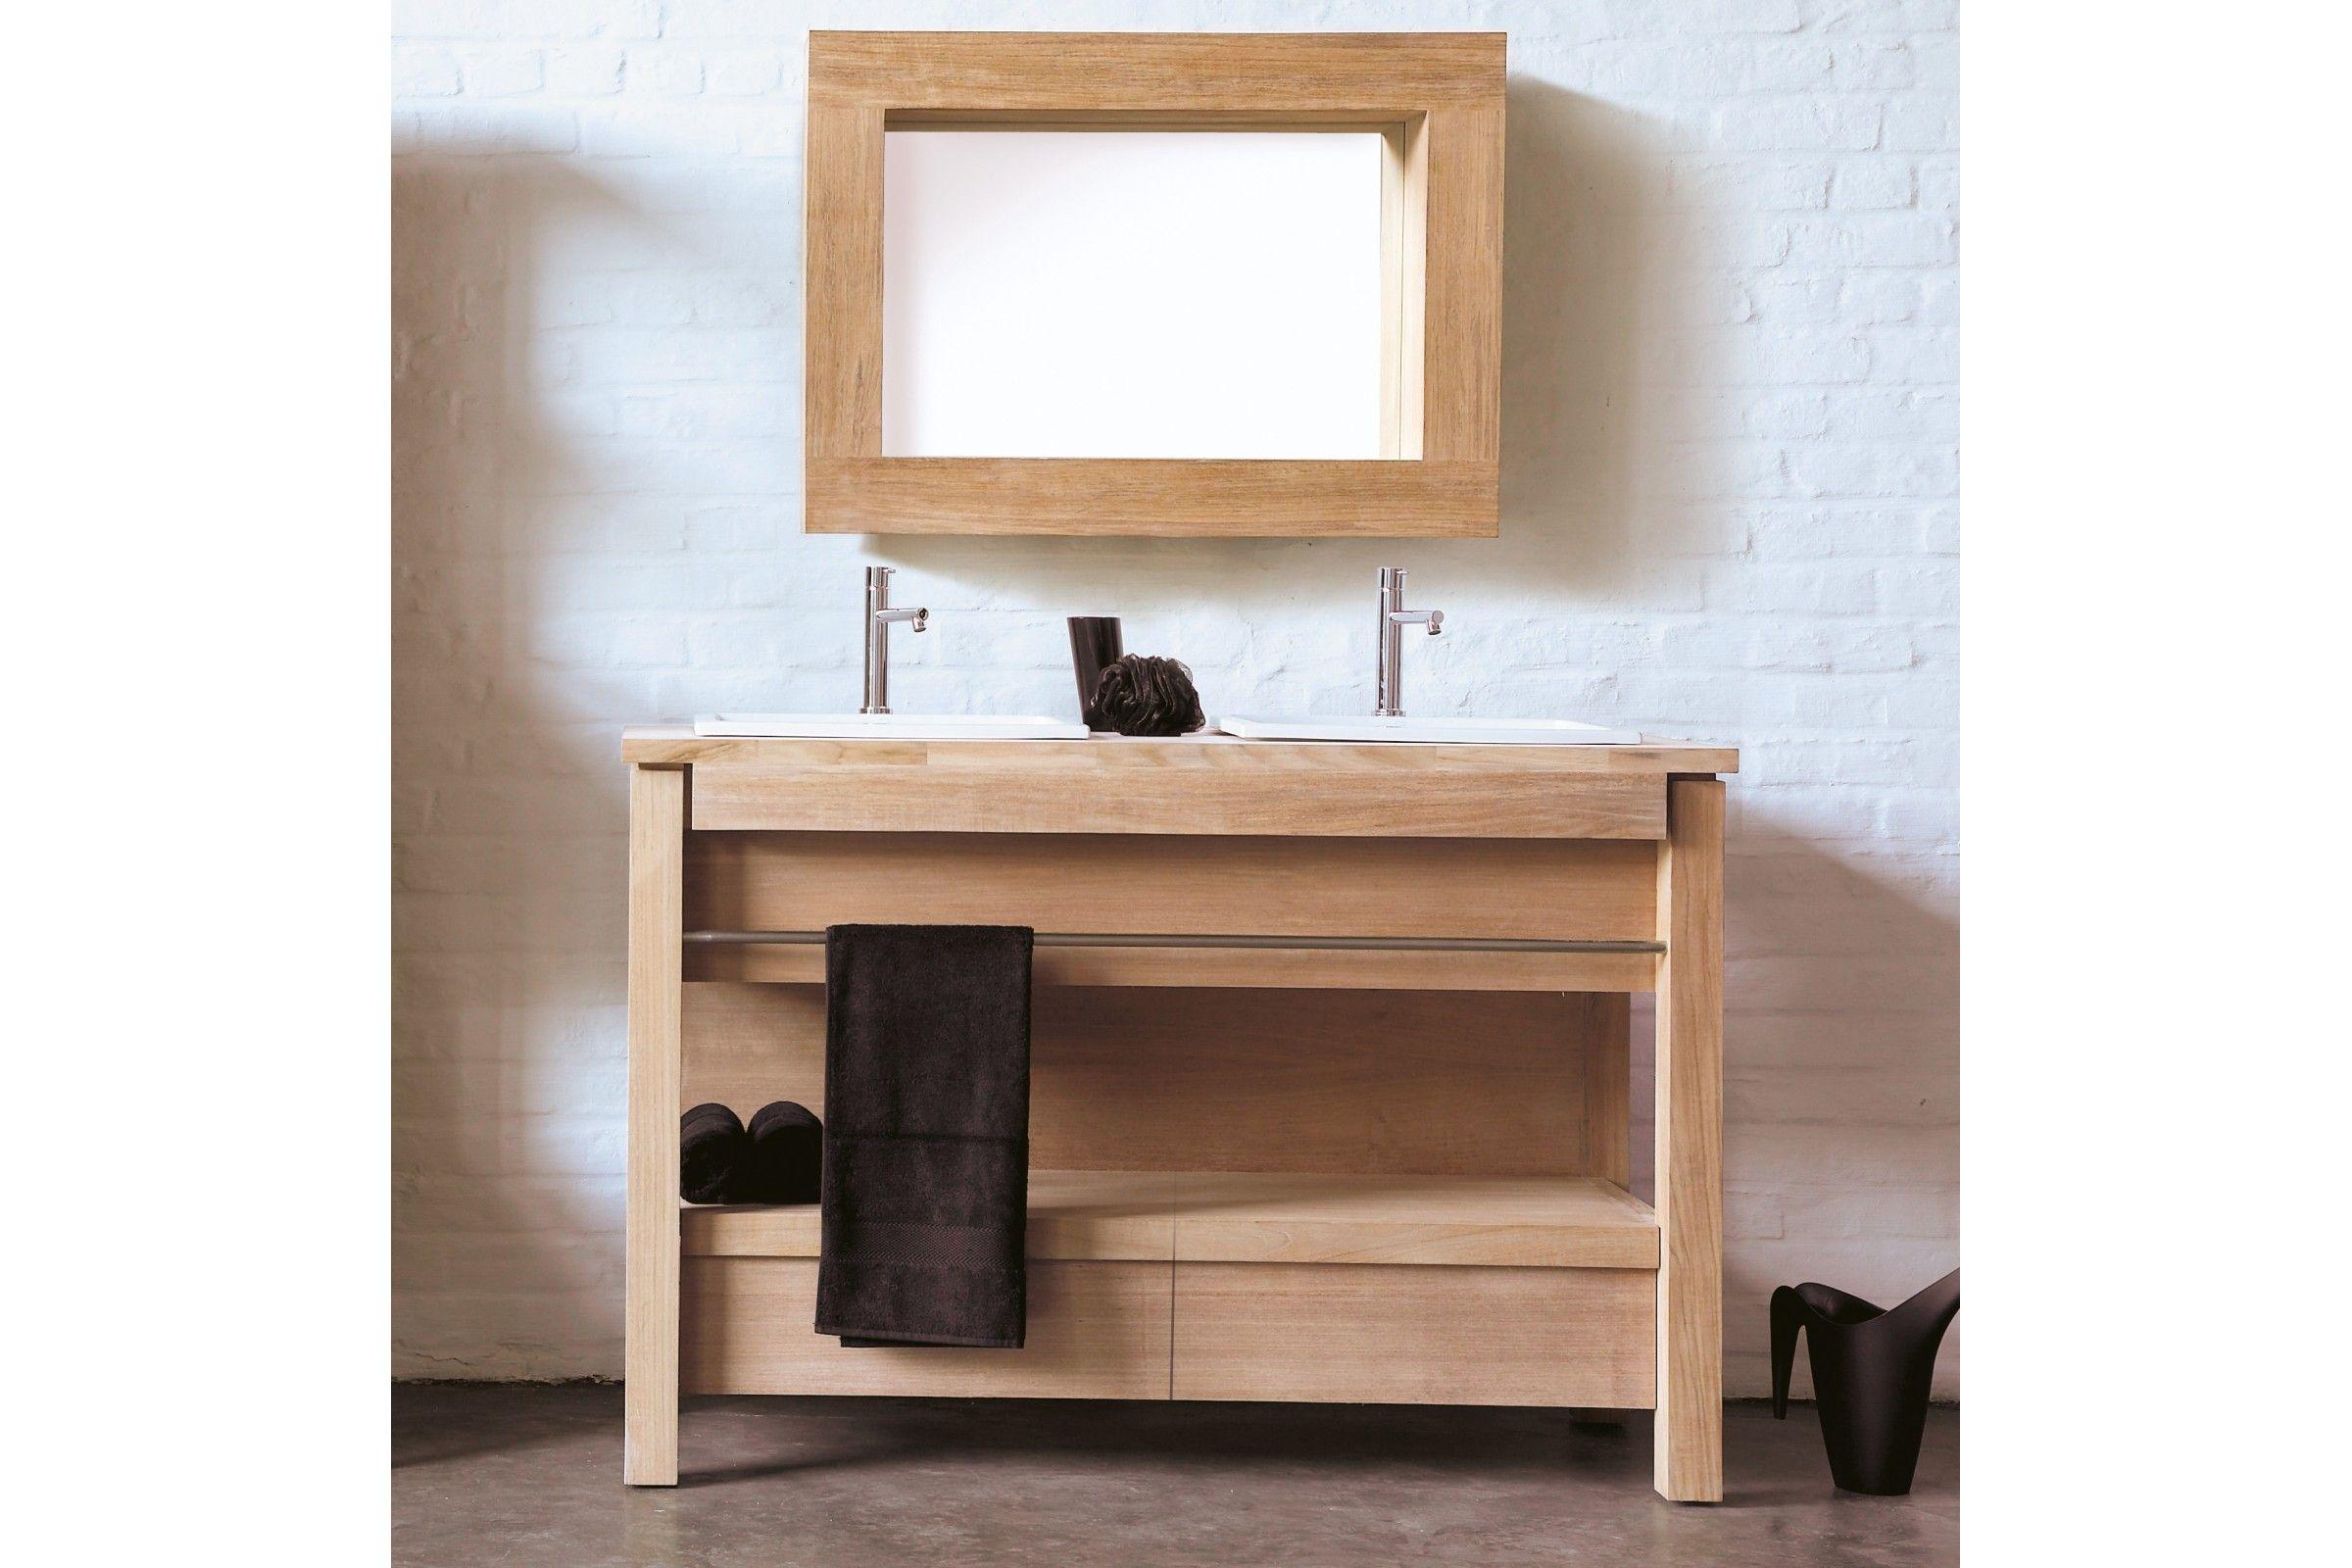 meuble en teck massif et pierre marbri re pour 2 vasques. Black Bedroom Furniture Sets. Home Design Ideas